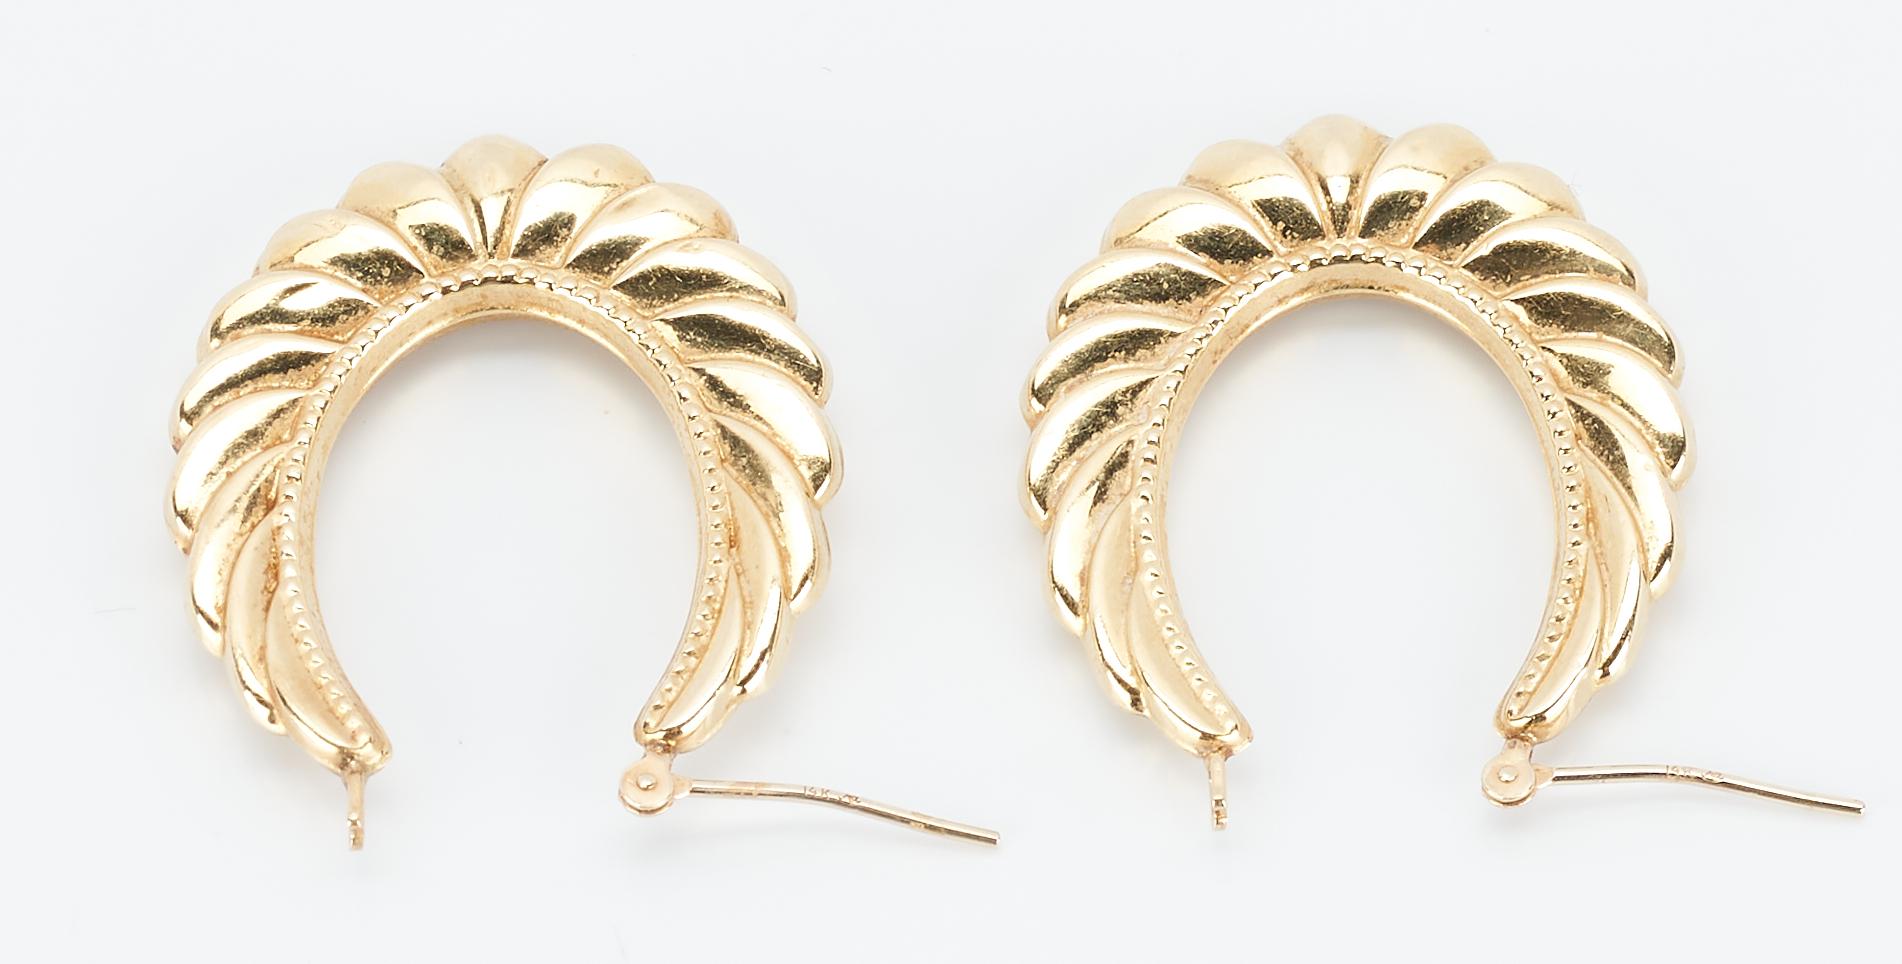 Lot 928: 3 Pairs Ladies 14K Gold Hoop Earrings